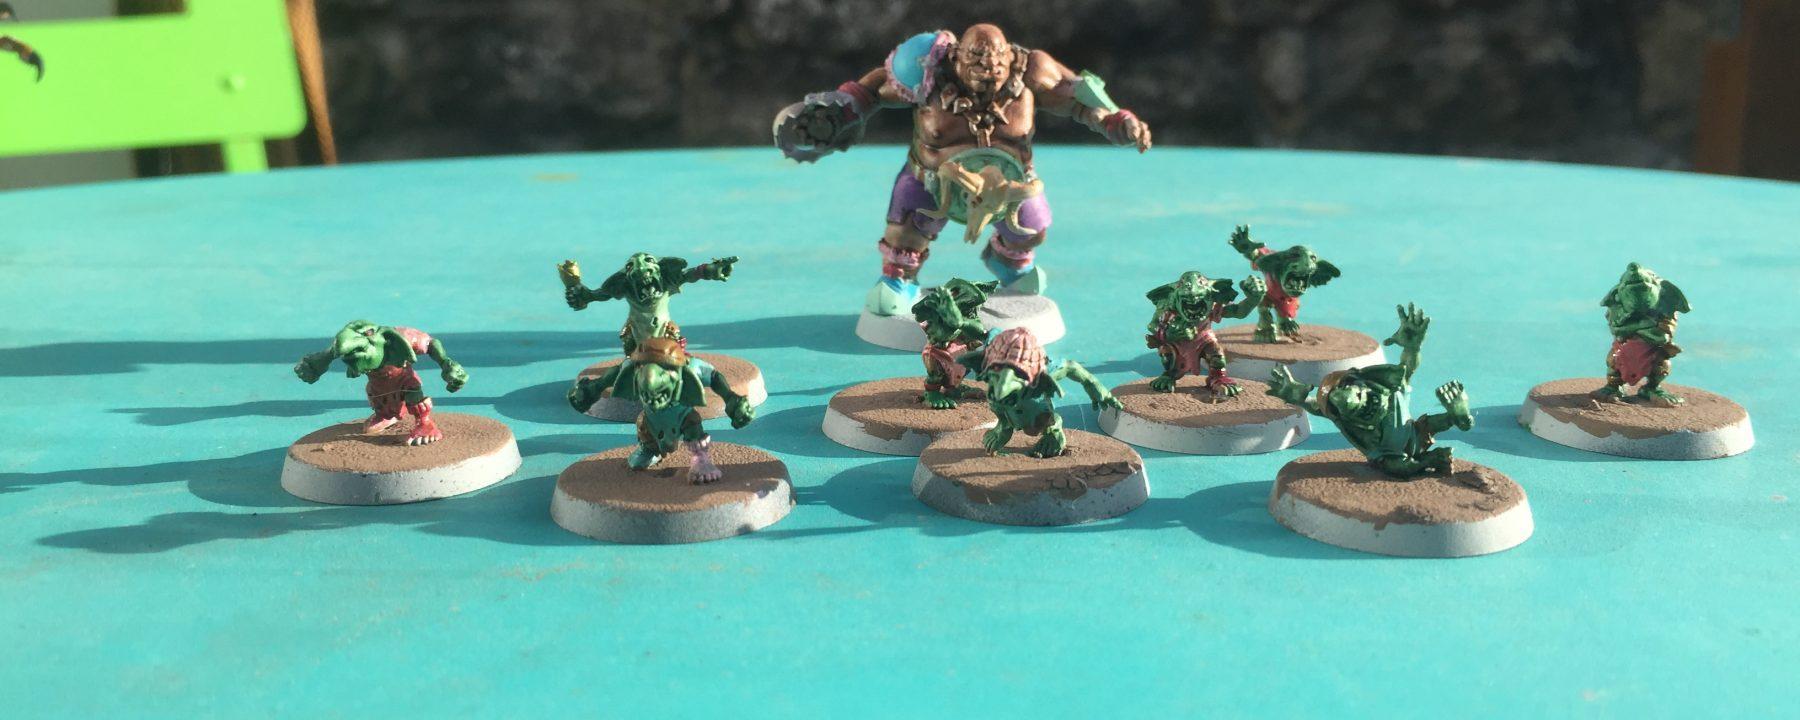 Equipe Ogres Blood Bowl par Tom